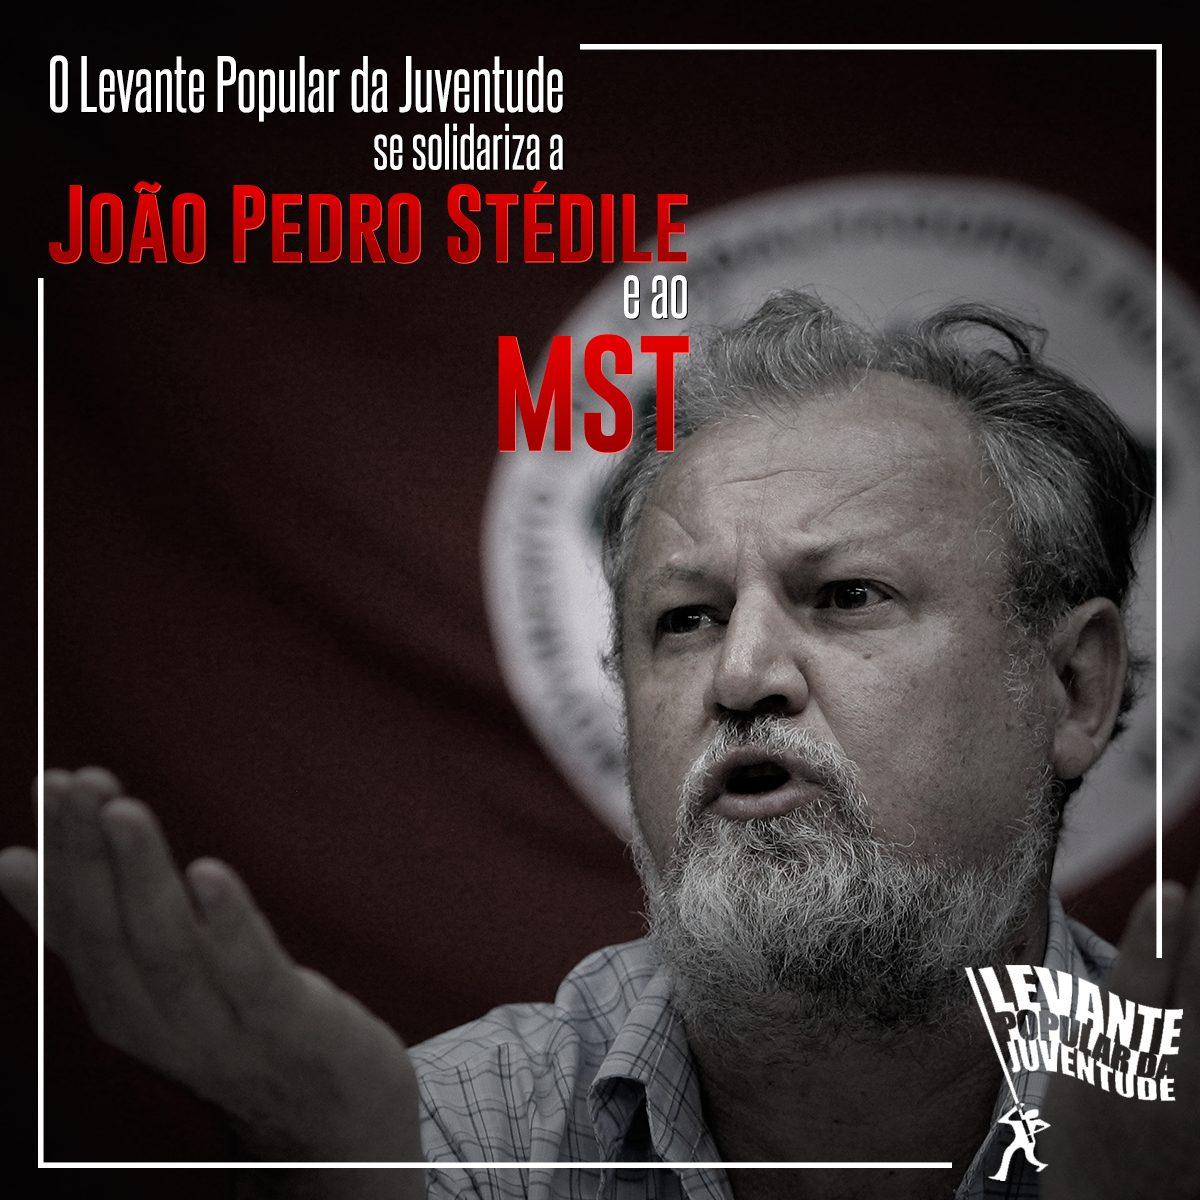 NOTA EM SOLIDARIEDADE A JOÃO PEDRO STÉDILE E AO MST